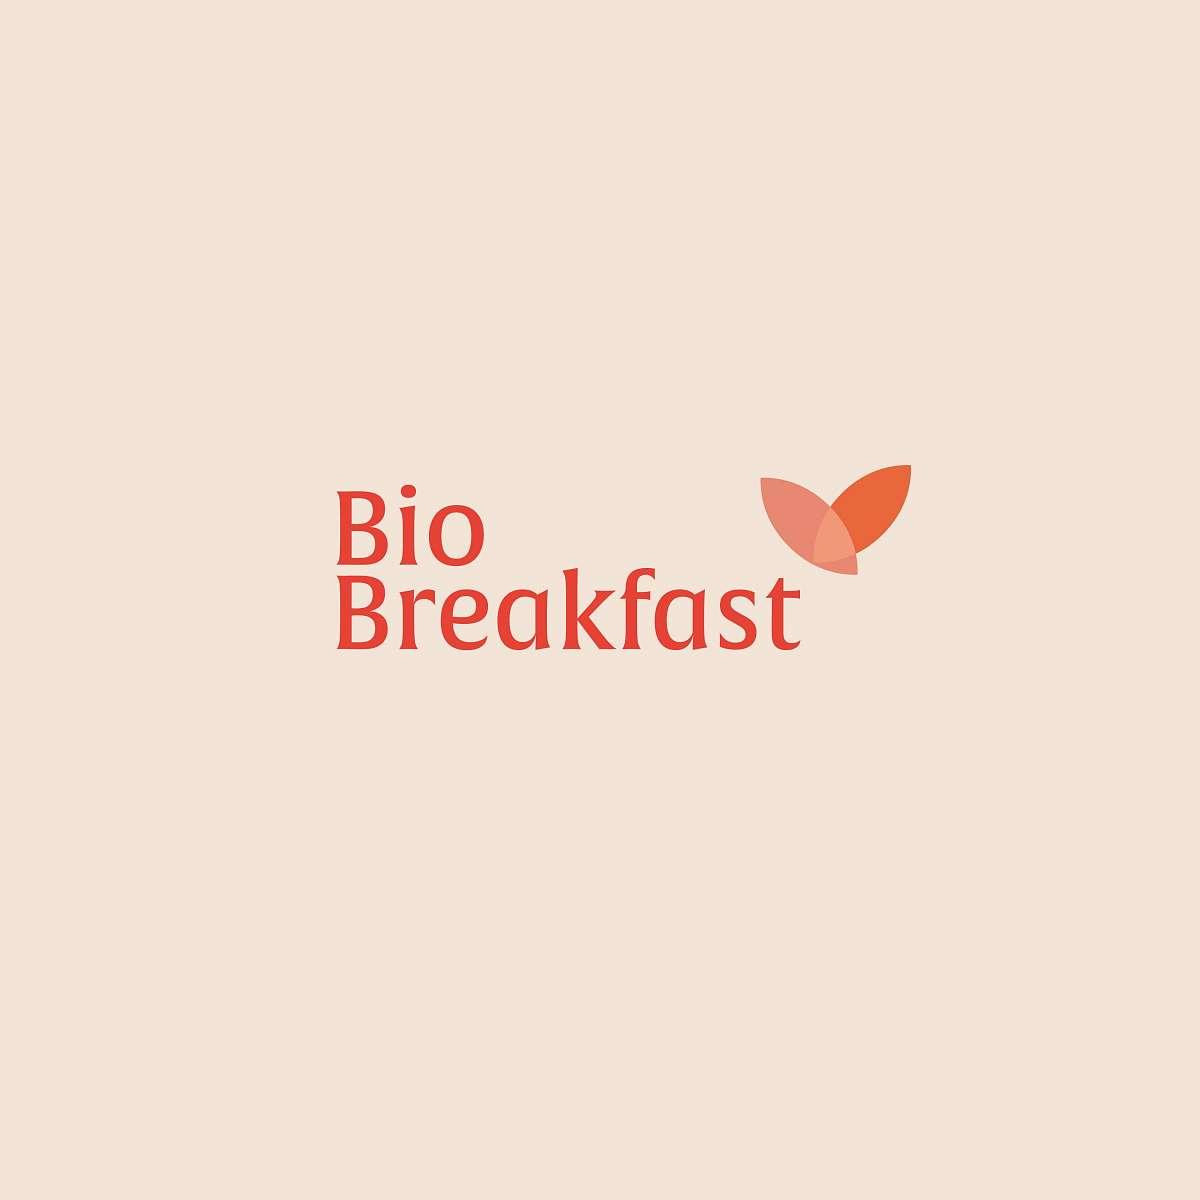 Bio Breakfast